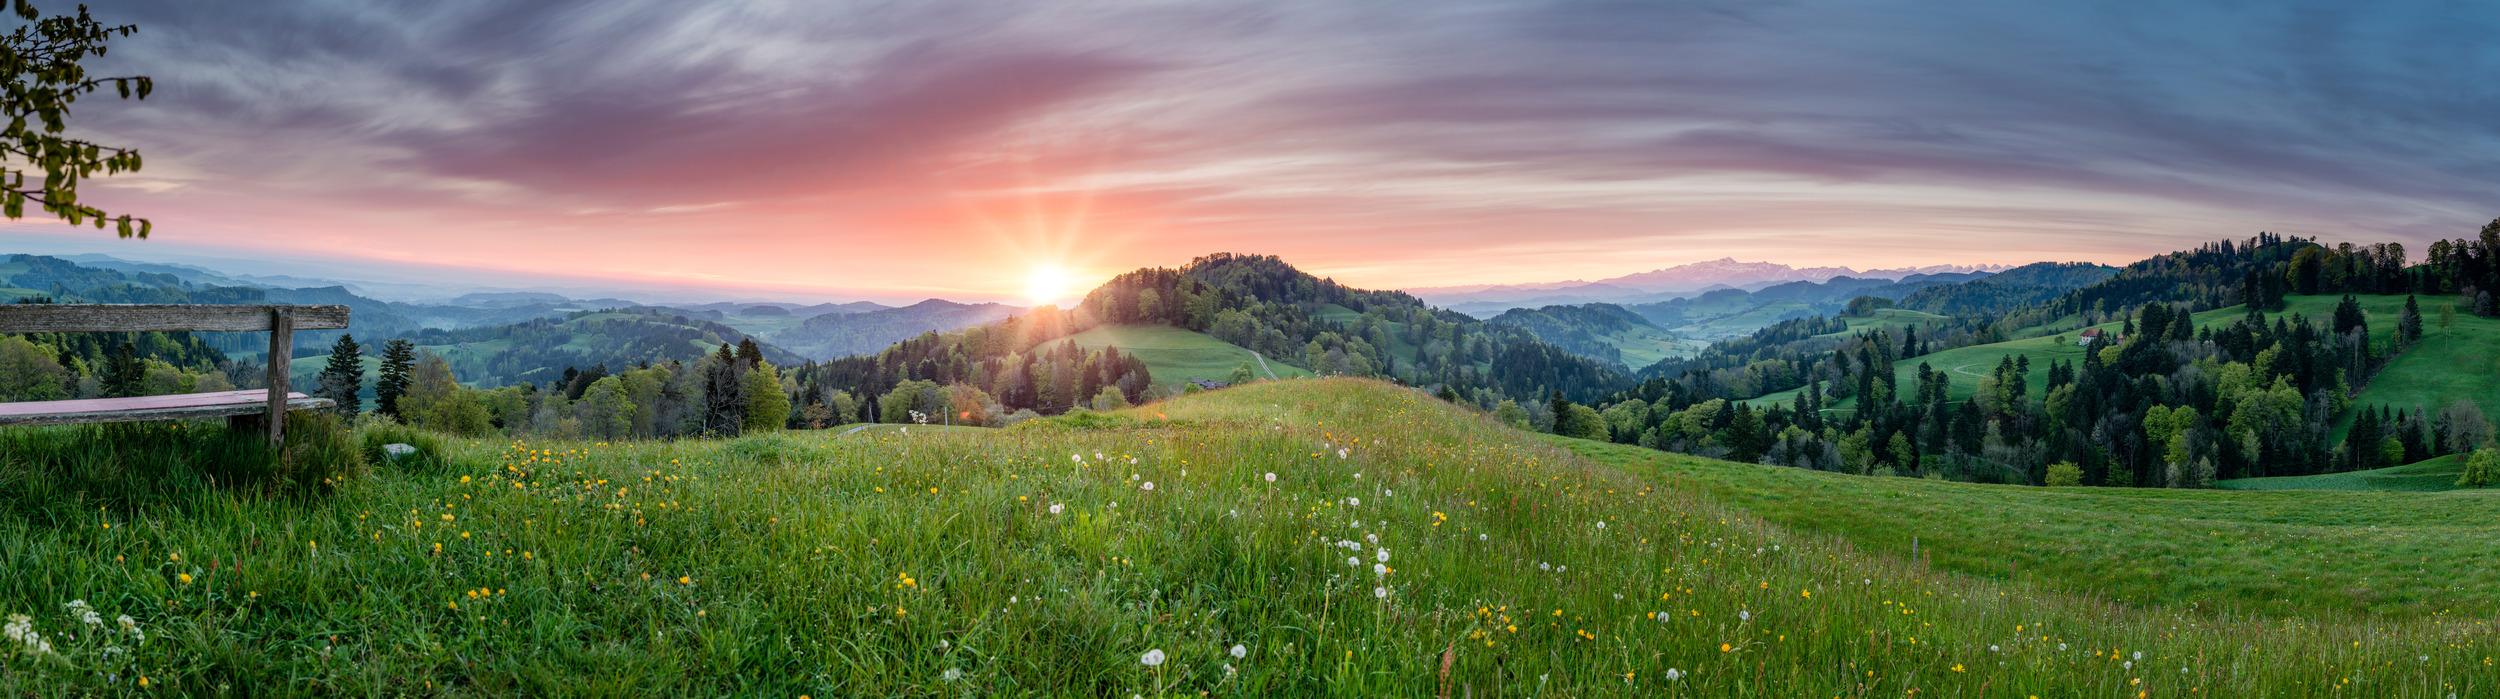 TANNZAPFENLAND - Schöne Landschaft Bilder kaufen | Stimmungs Foto als Fineart by Stefan Somogyi Fotografie